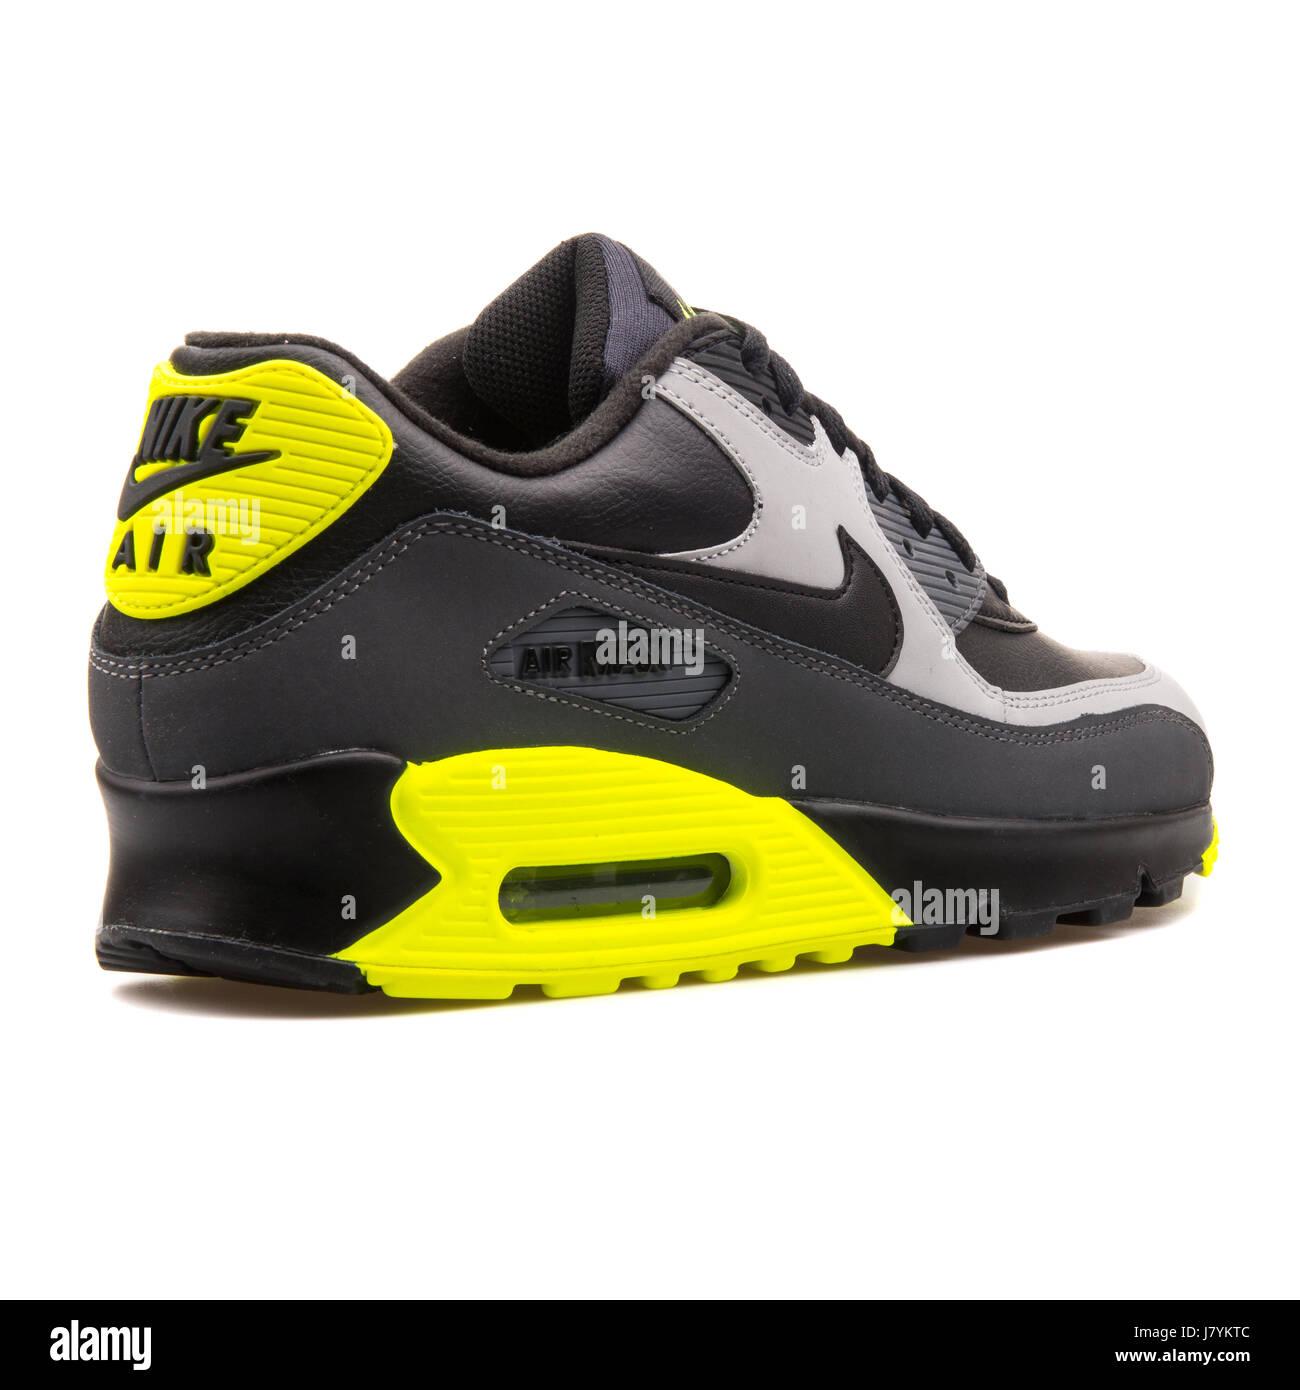 cheap for discount 50ea1 a6529 Nike Air Max 90 LTR schwarz Turnschuhe grau und Gelb Herren Sport - 652980- 007